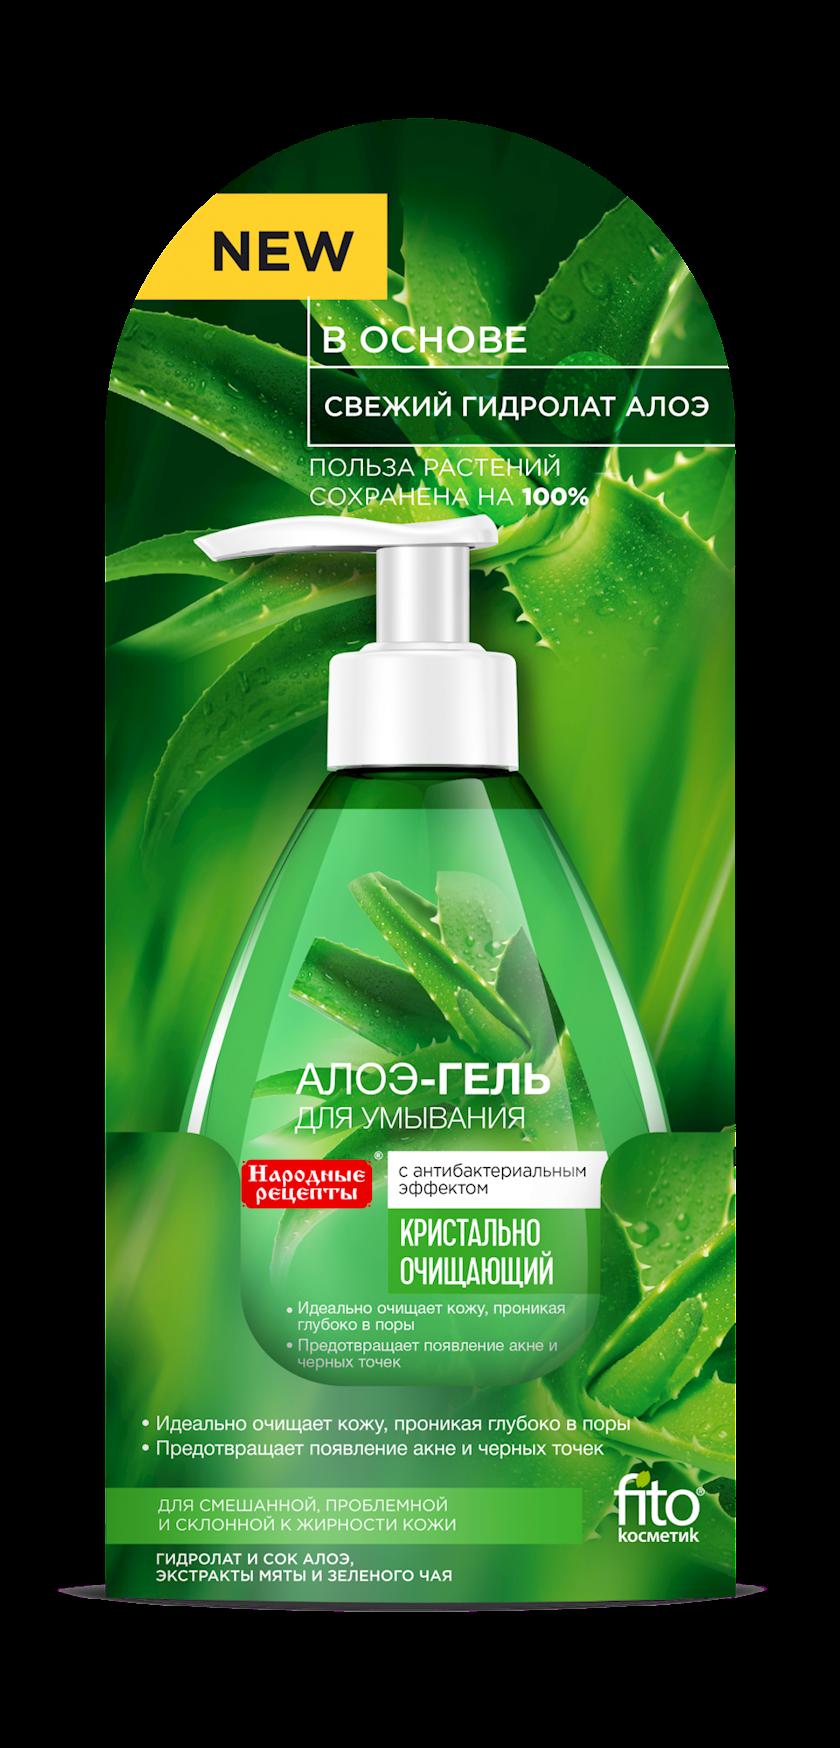 Yuyunmaq üçün aloe gel Фитокосметик Antibakteriyal Effekti ilə 165 ml